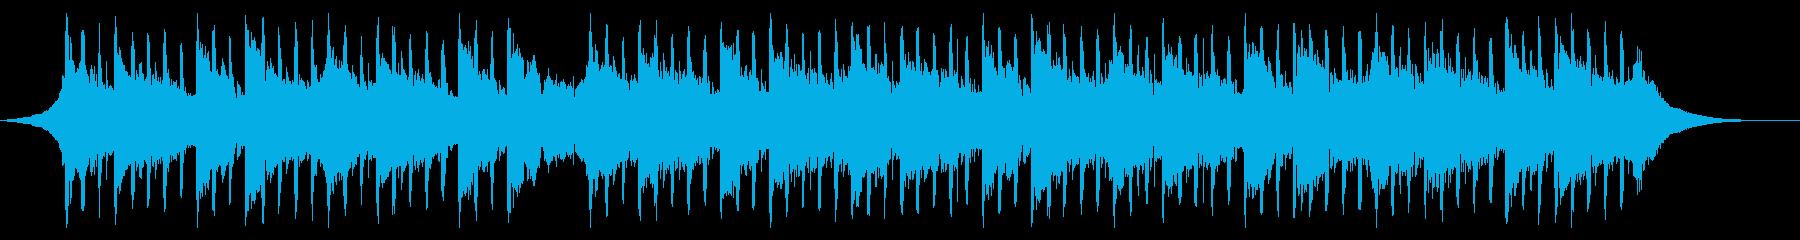 説明者向け(60秒)の再生済みの波形